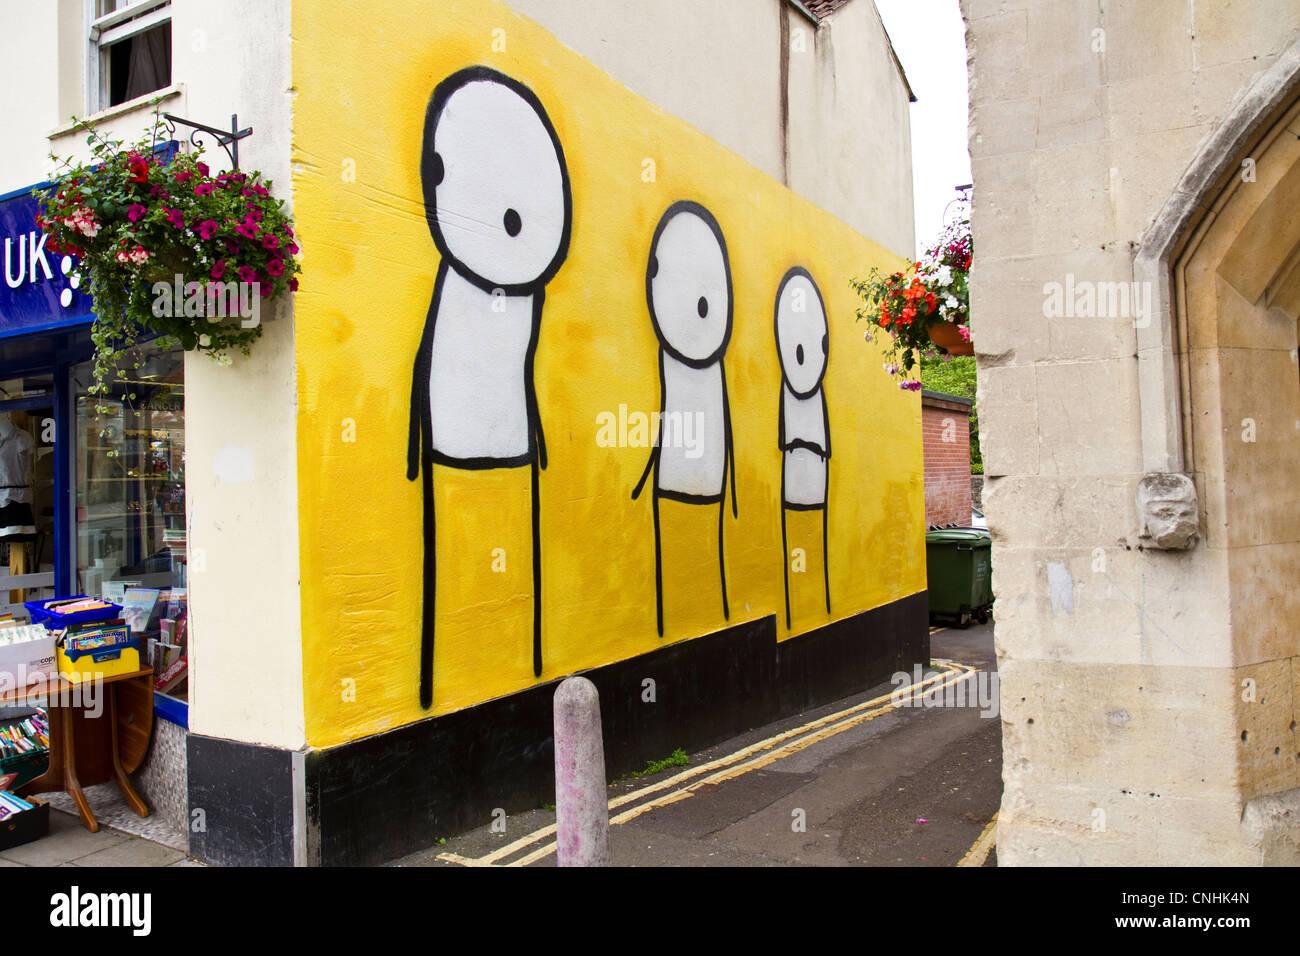 A spray paint mural of graffiti art by Street Artist Stik in an ...